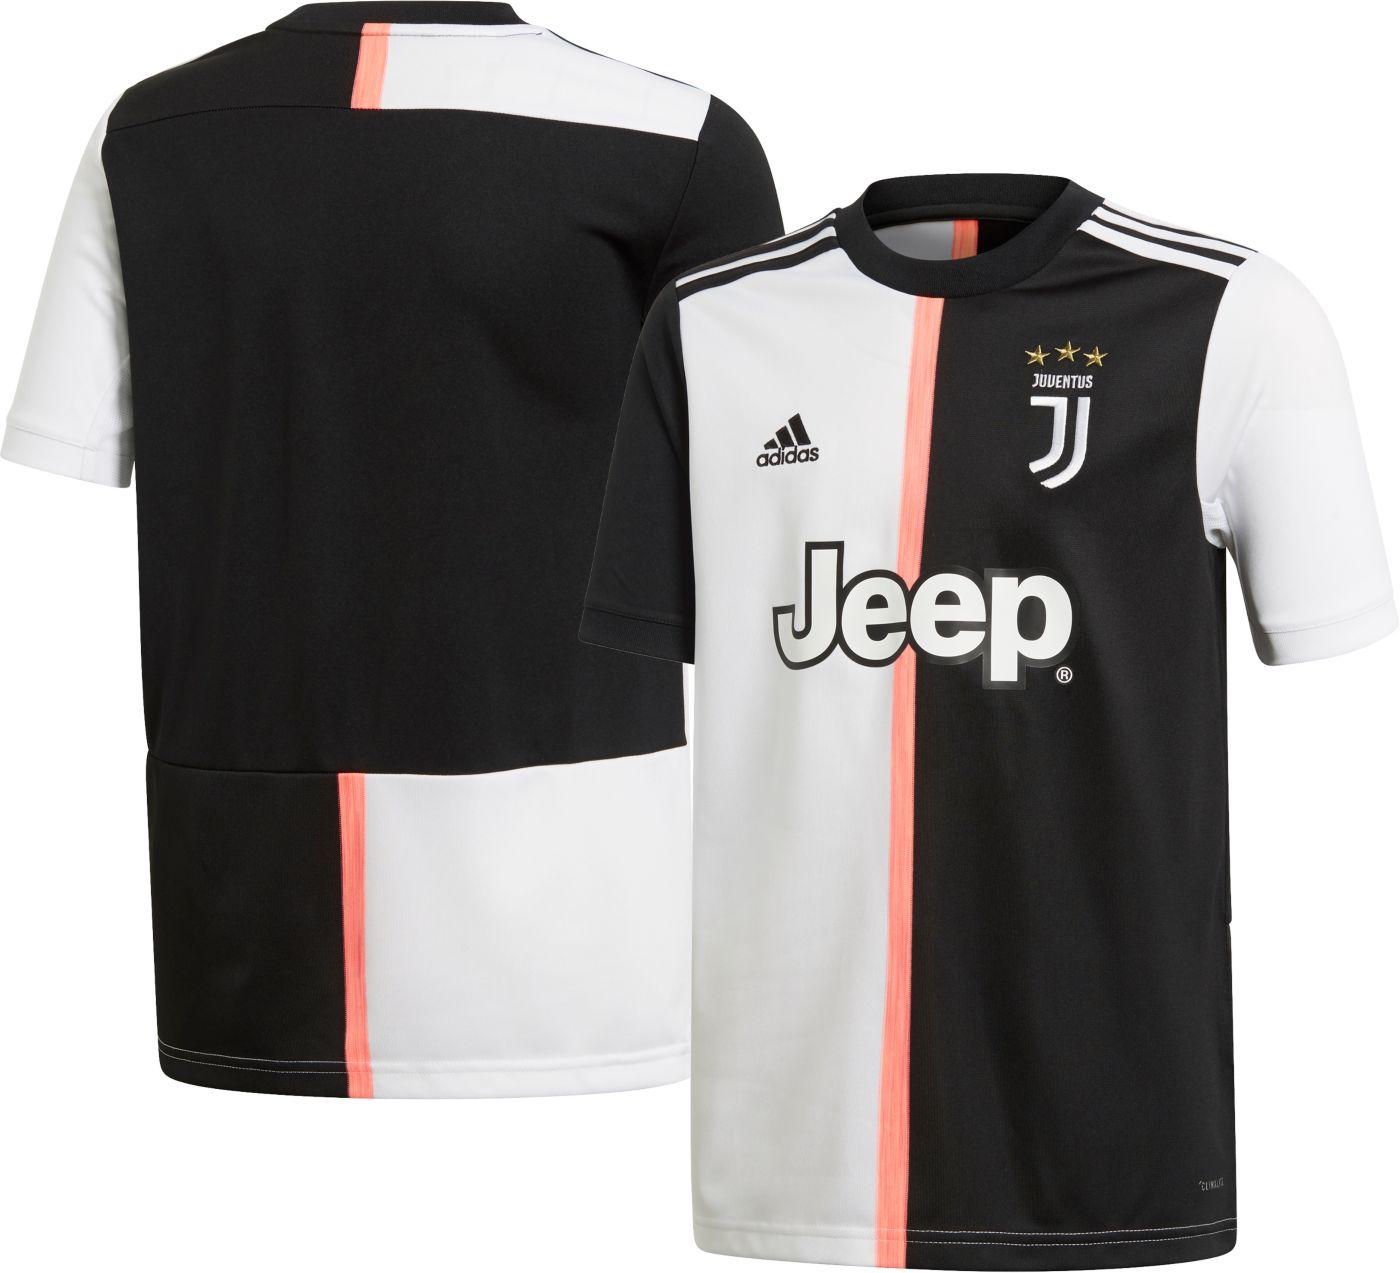 adidas Youth Juventus '19 Stadium Home Replica Jersey